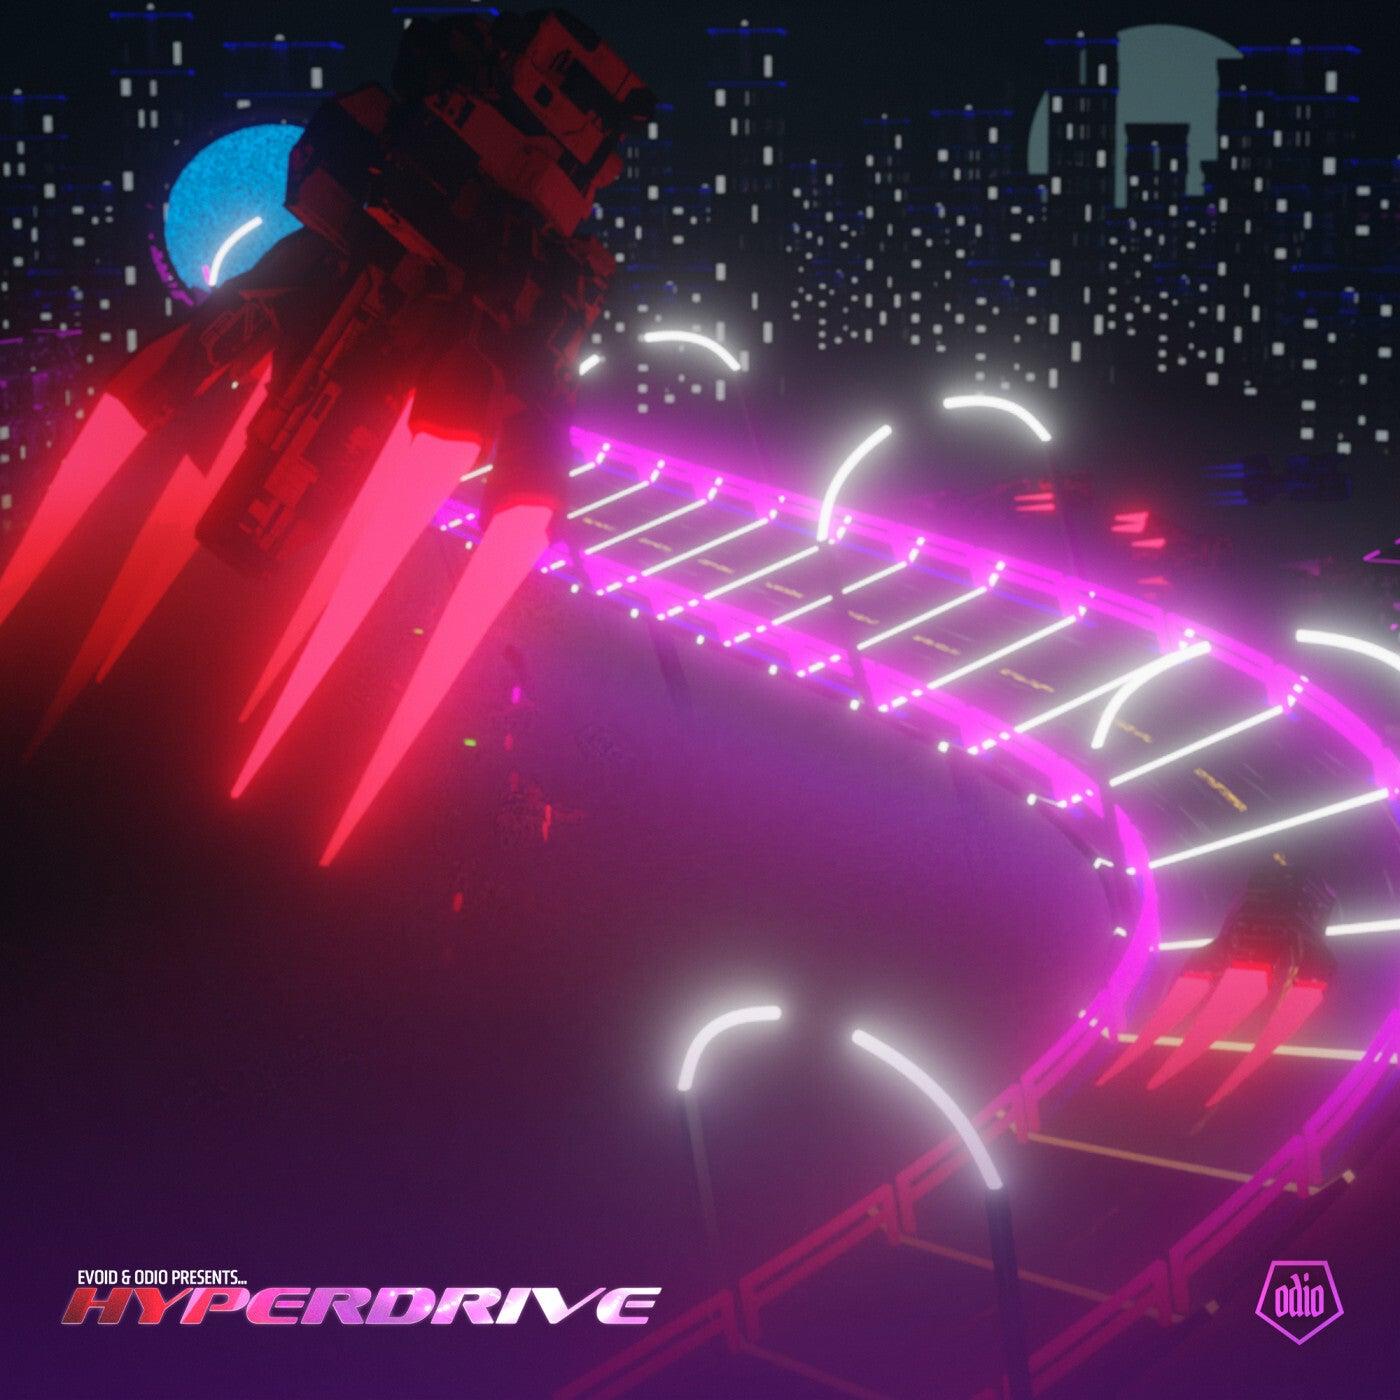 Hyperdrive (Original Mix)